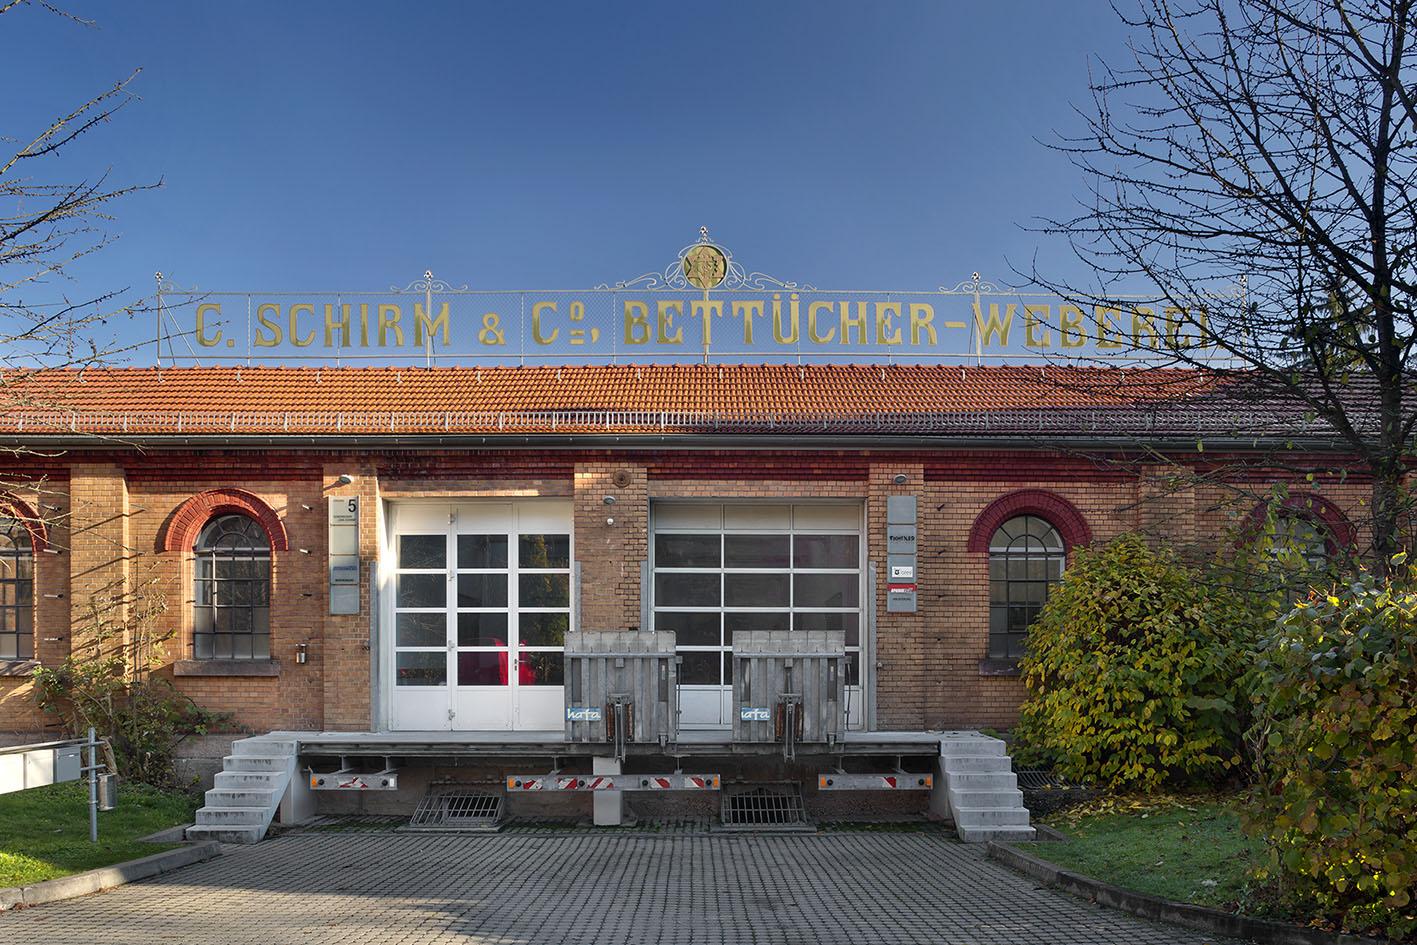 Gewerbepark Schirm 44